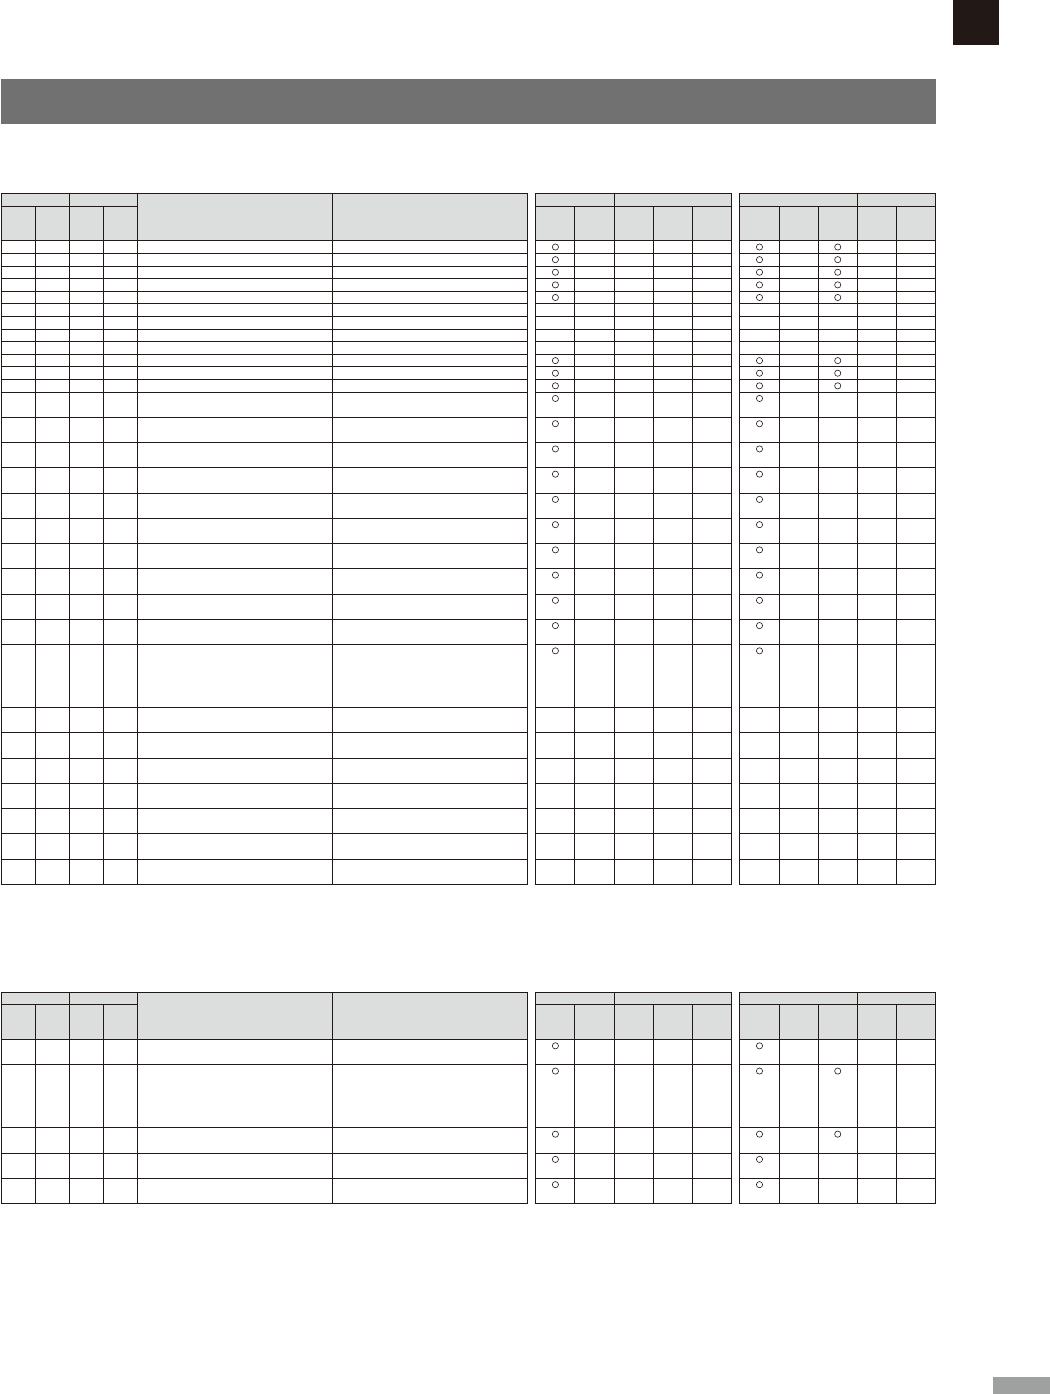 Taille Table 6 Personnes Frais Handleiding Yamaha U1ta Pagina 75 Van 83 Fran§ais Of 20 Nouveau Taille Table 6 Personnes